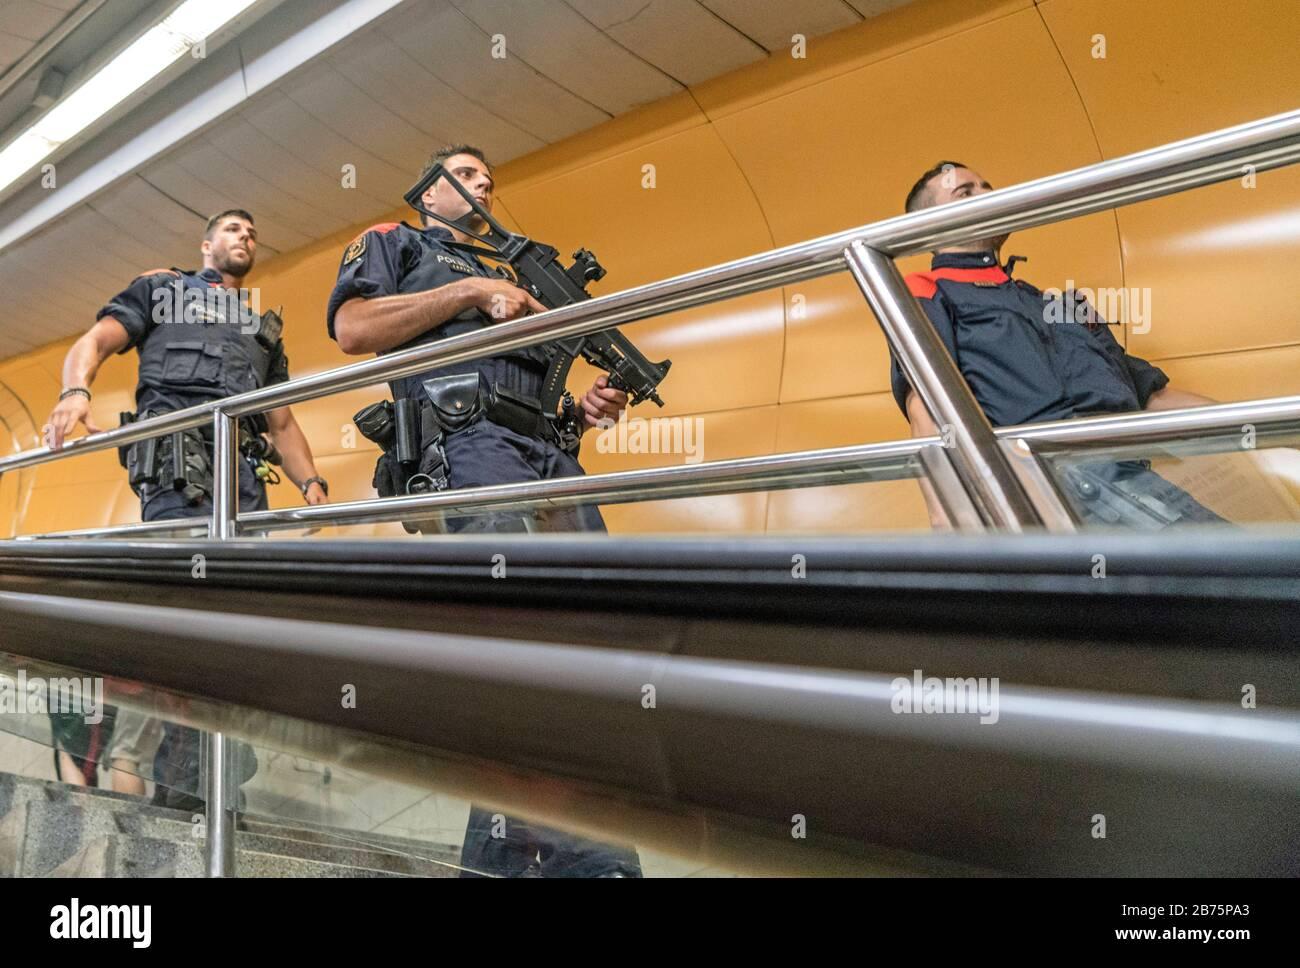 Espagne, Barcelone, 03.08.2017. La police catalane (Mossos d'Escuadra) dans le métro à Barcelone, Espagne le 03.08.2017 [traduction automatique] Banque D'Images